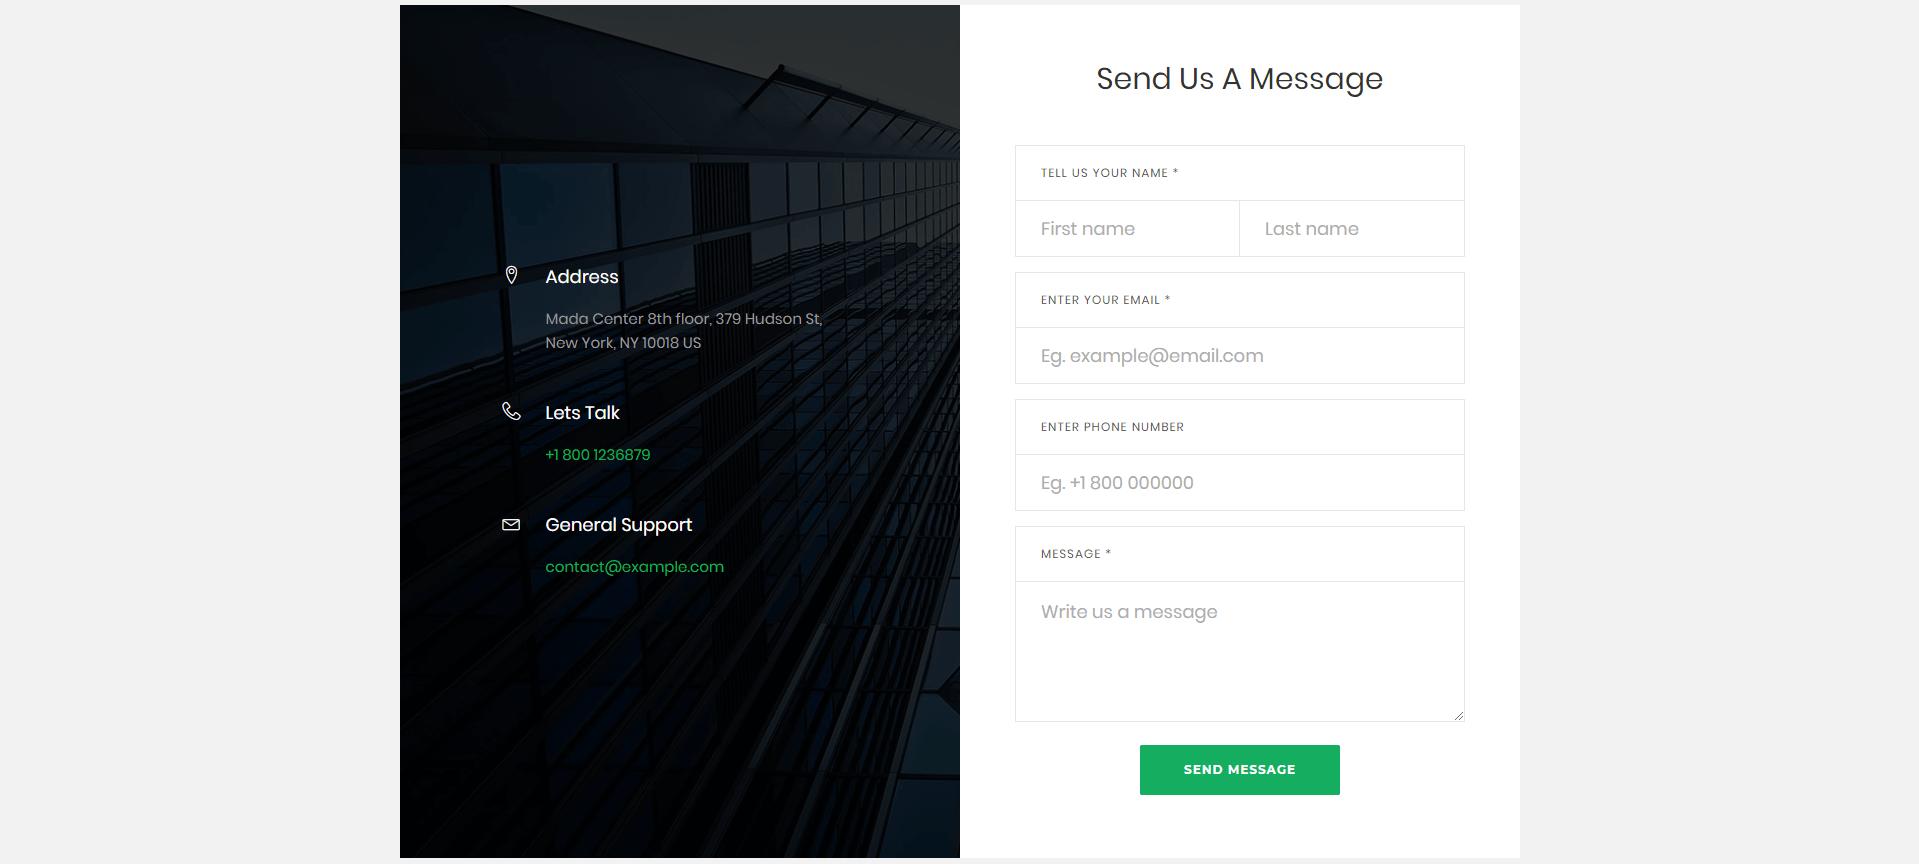 Contact Form xây dựng bằng HTML, CSS và Bootstrap Phần 6